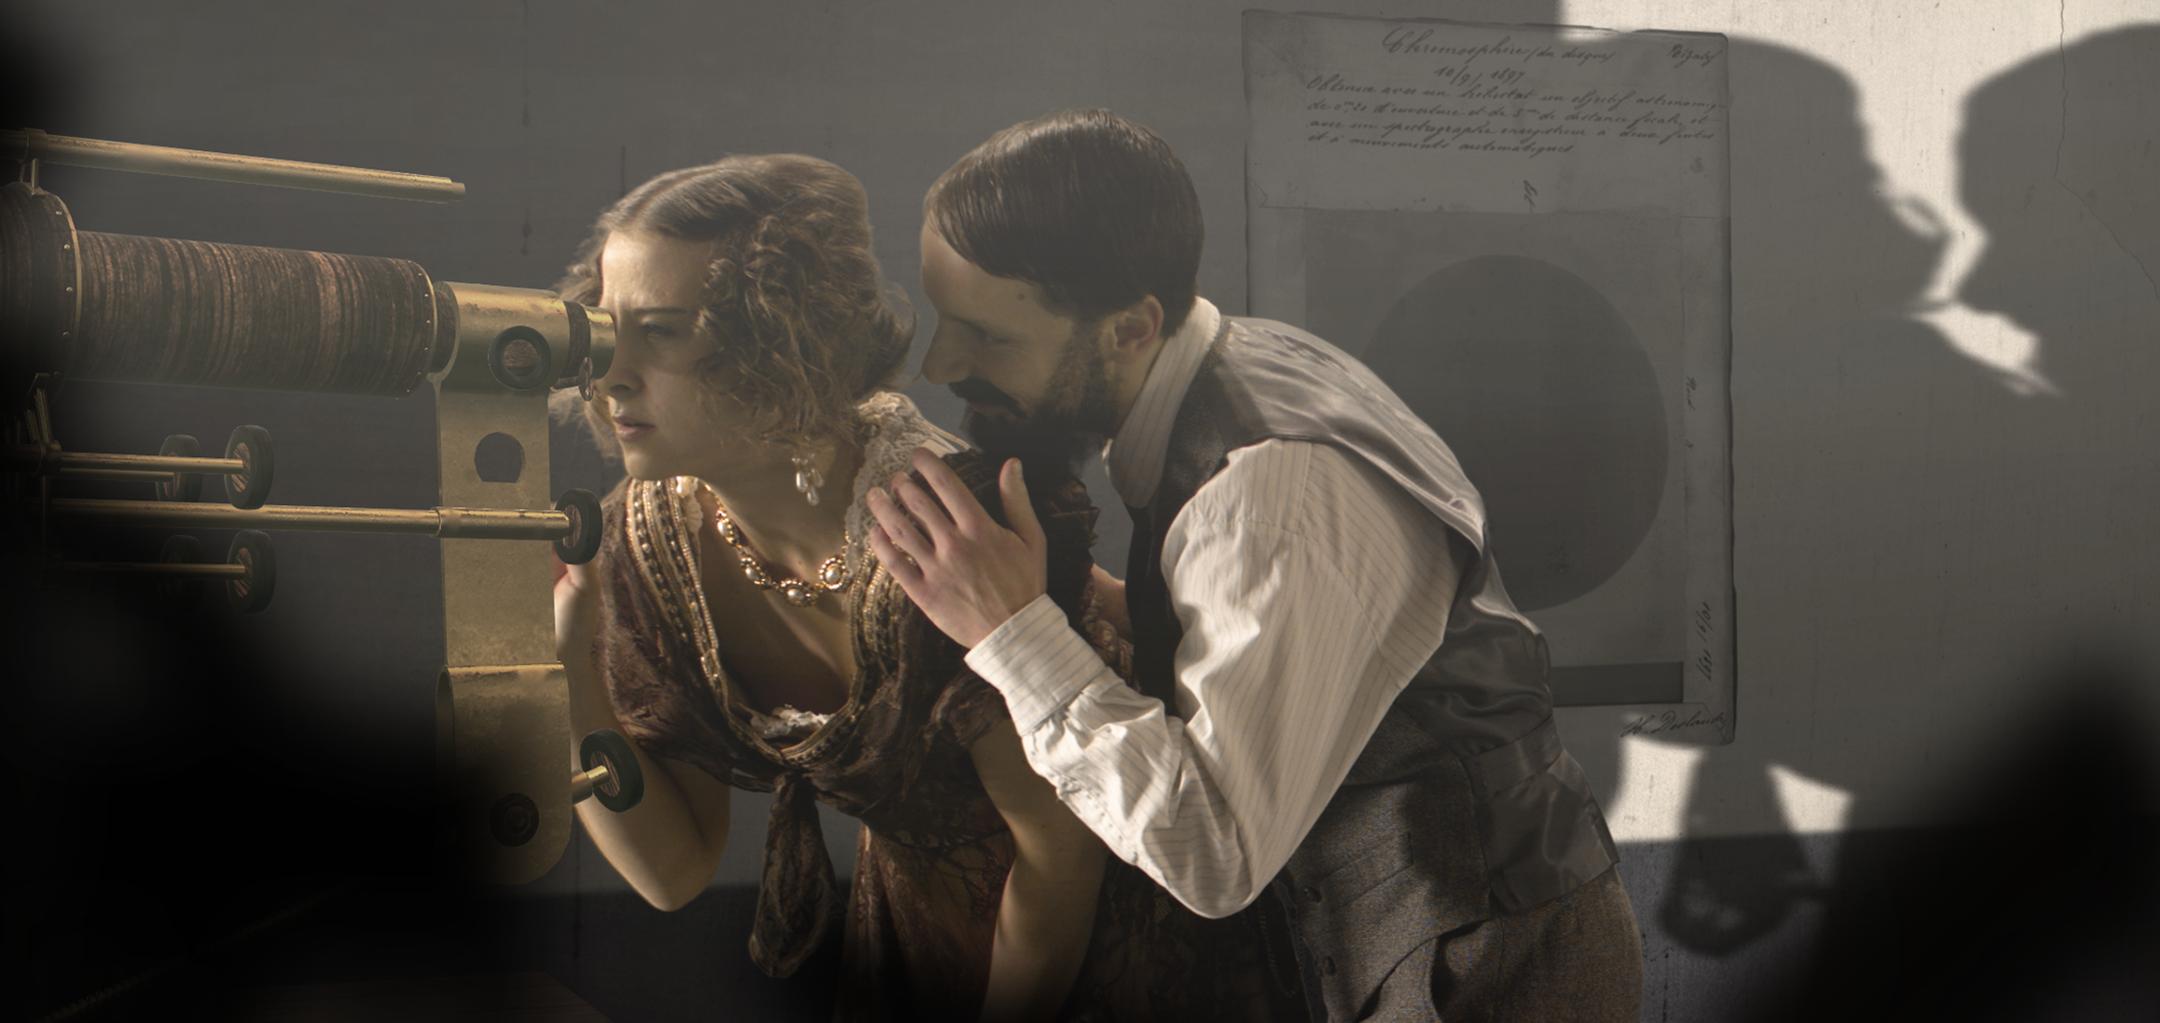 Jana Stryková and Tomáš Mischura - The Impossible Voyage (2019) - Hero image